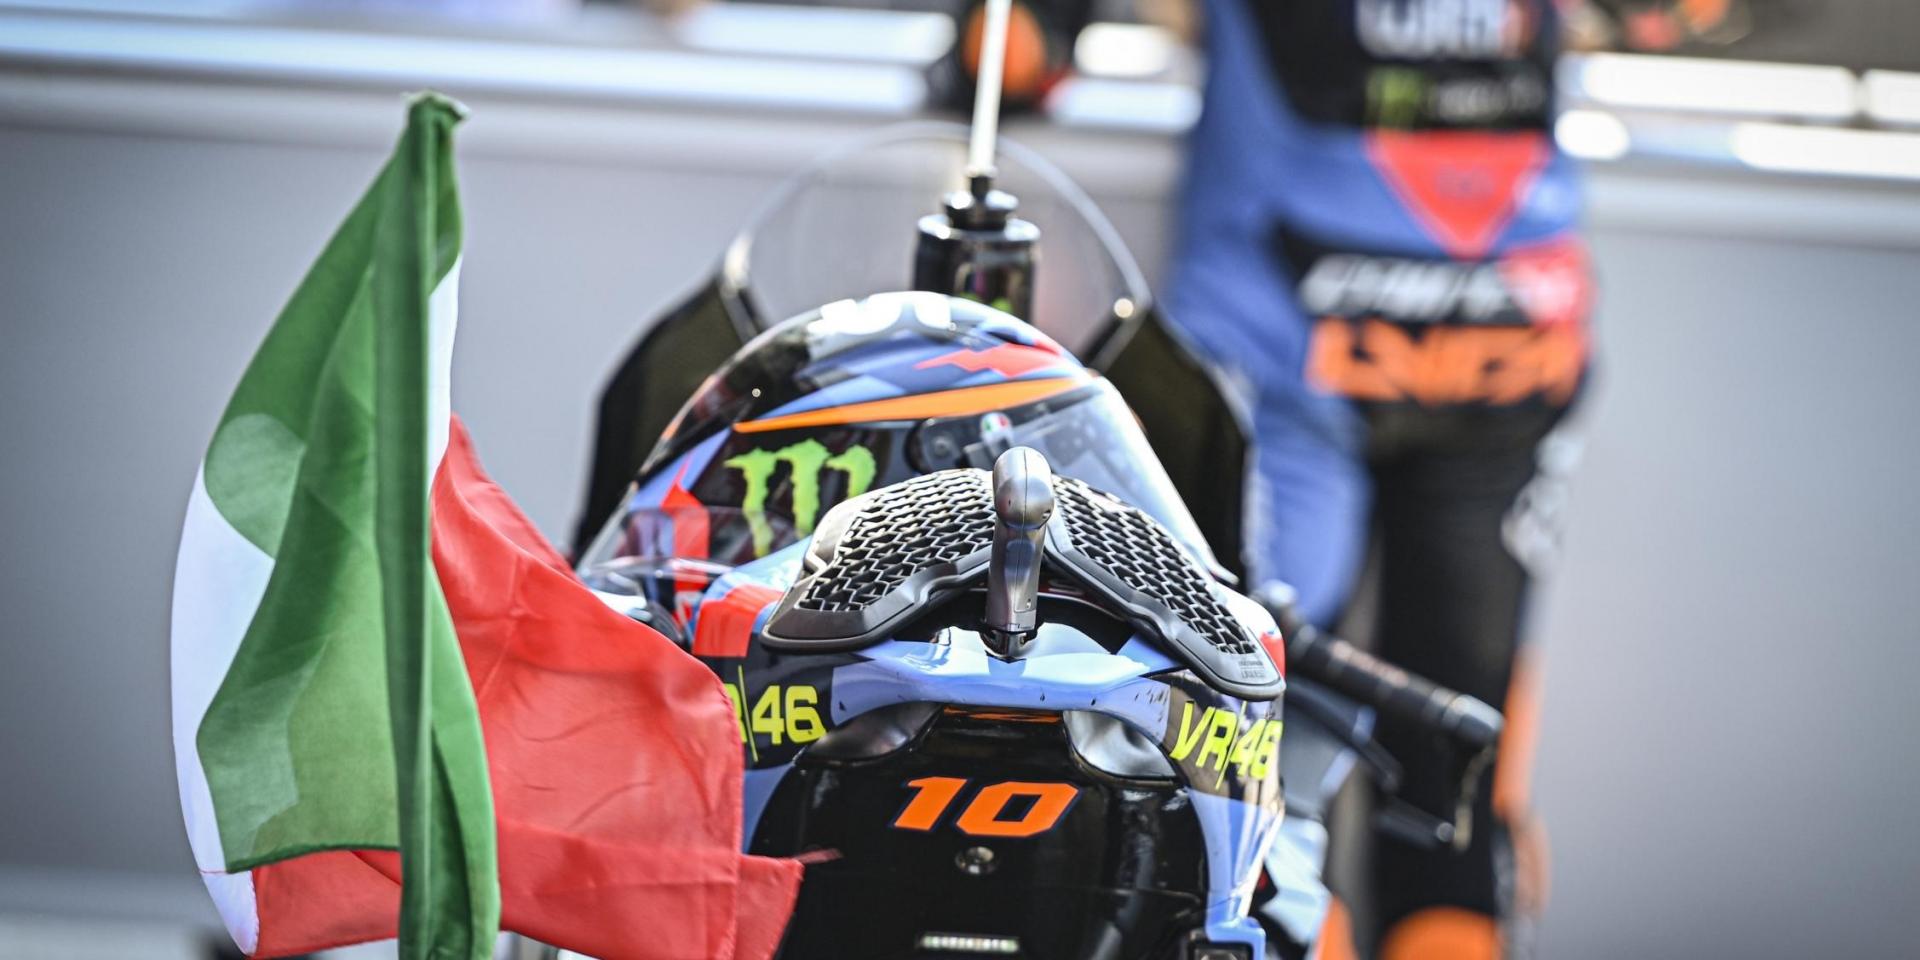 捕風捉影還是秘密洽談?VR46車隊晉升MotoGP層級的可能性